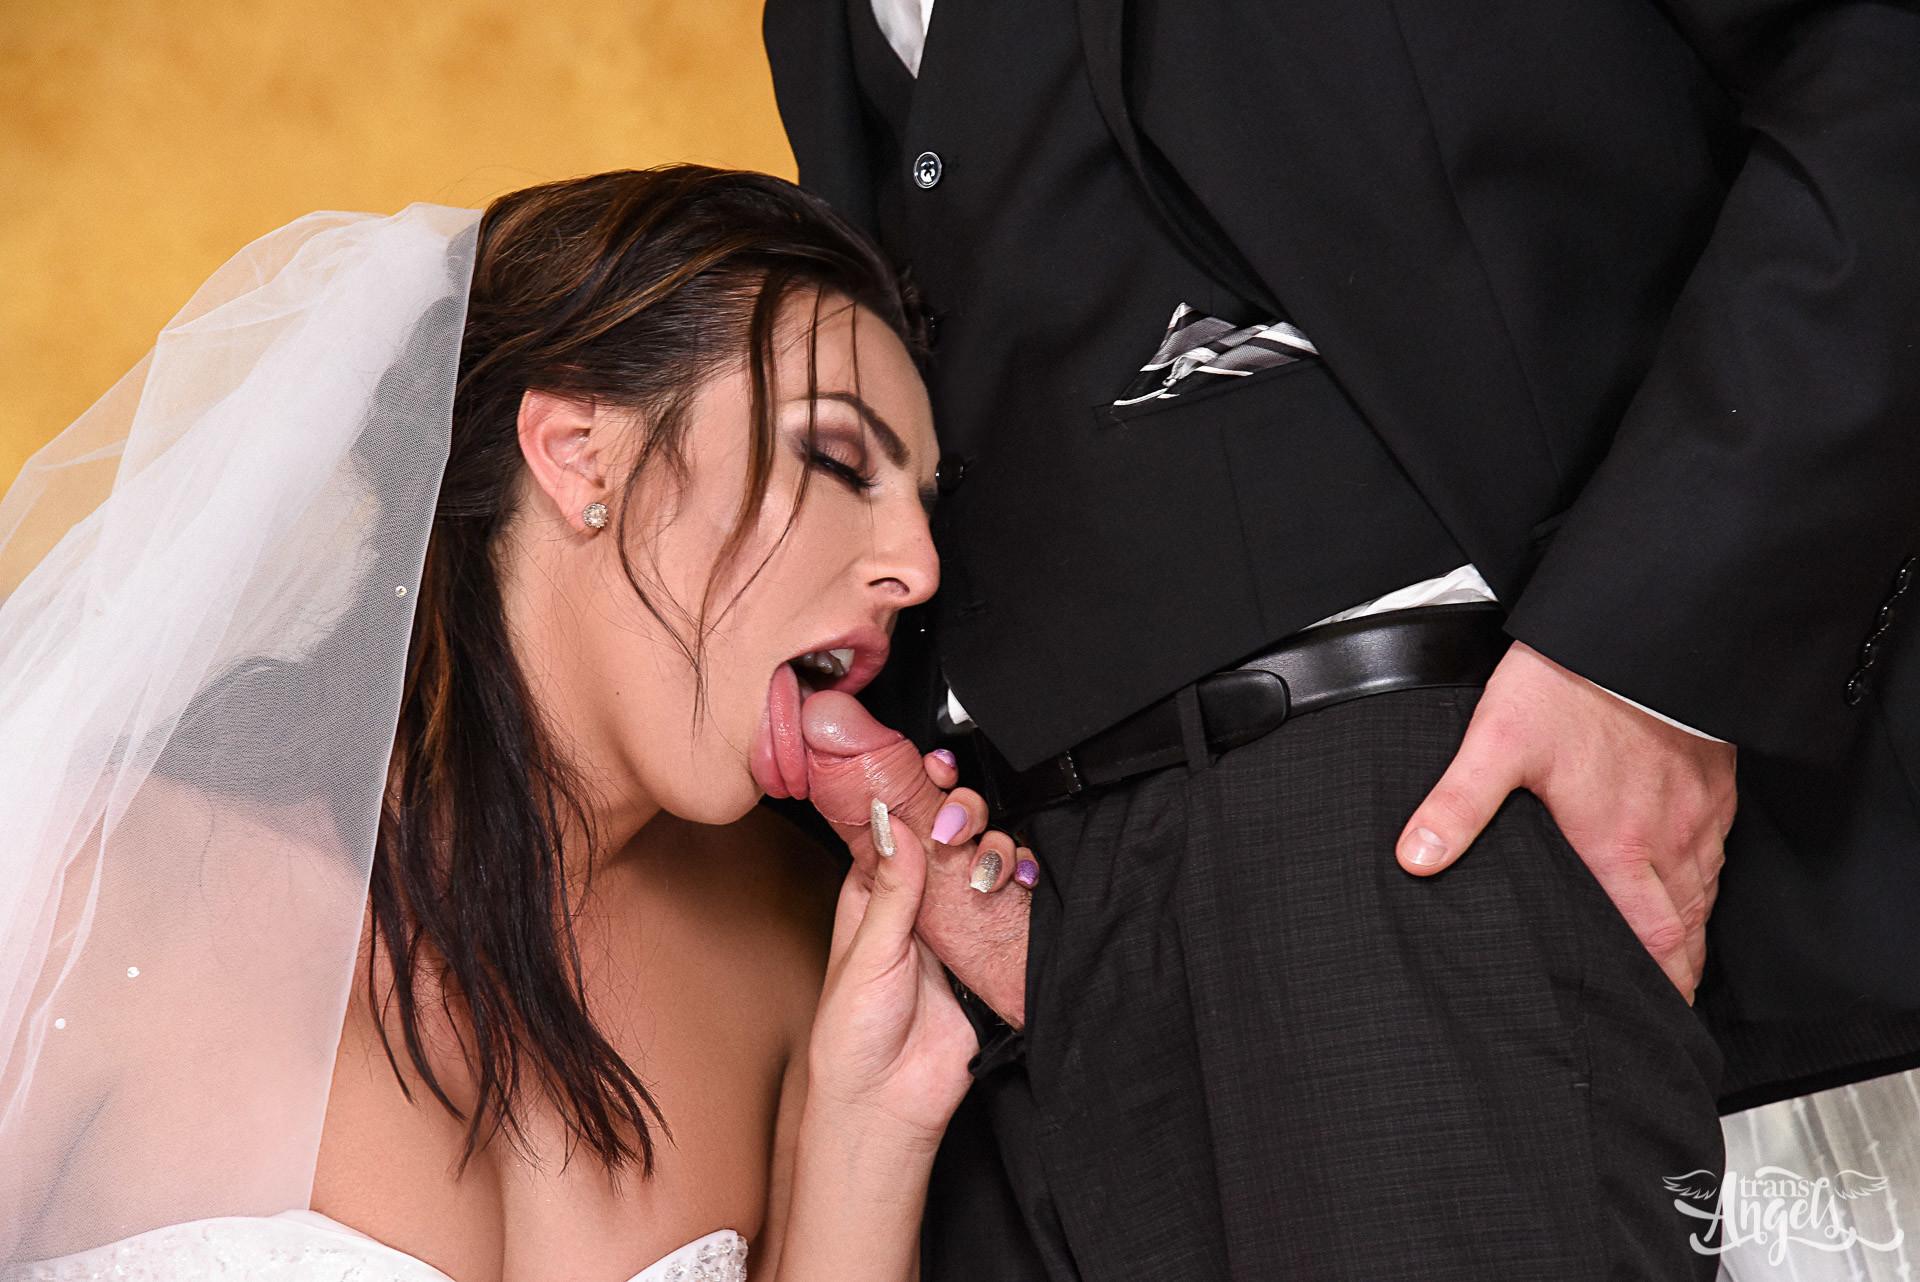 Stacy bride cum, free dildo fuck movies